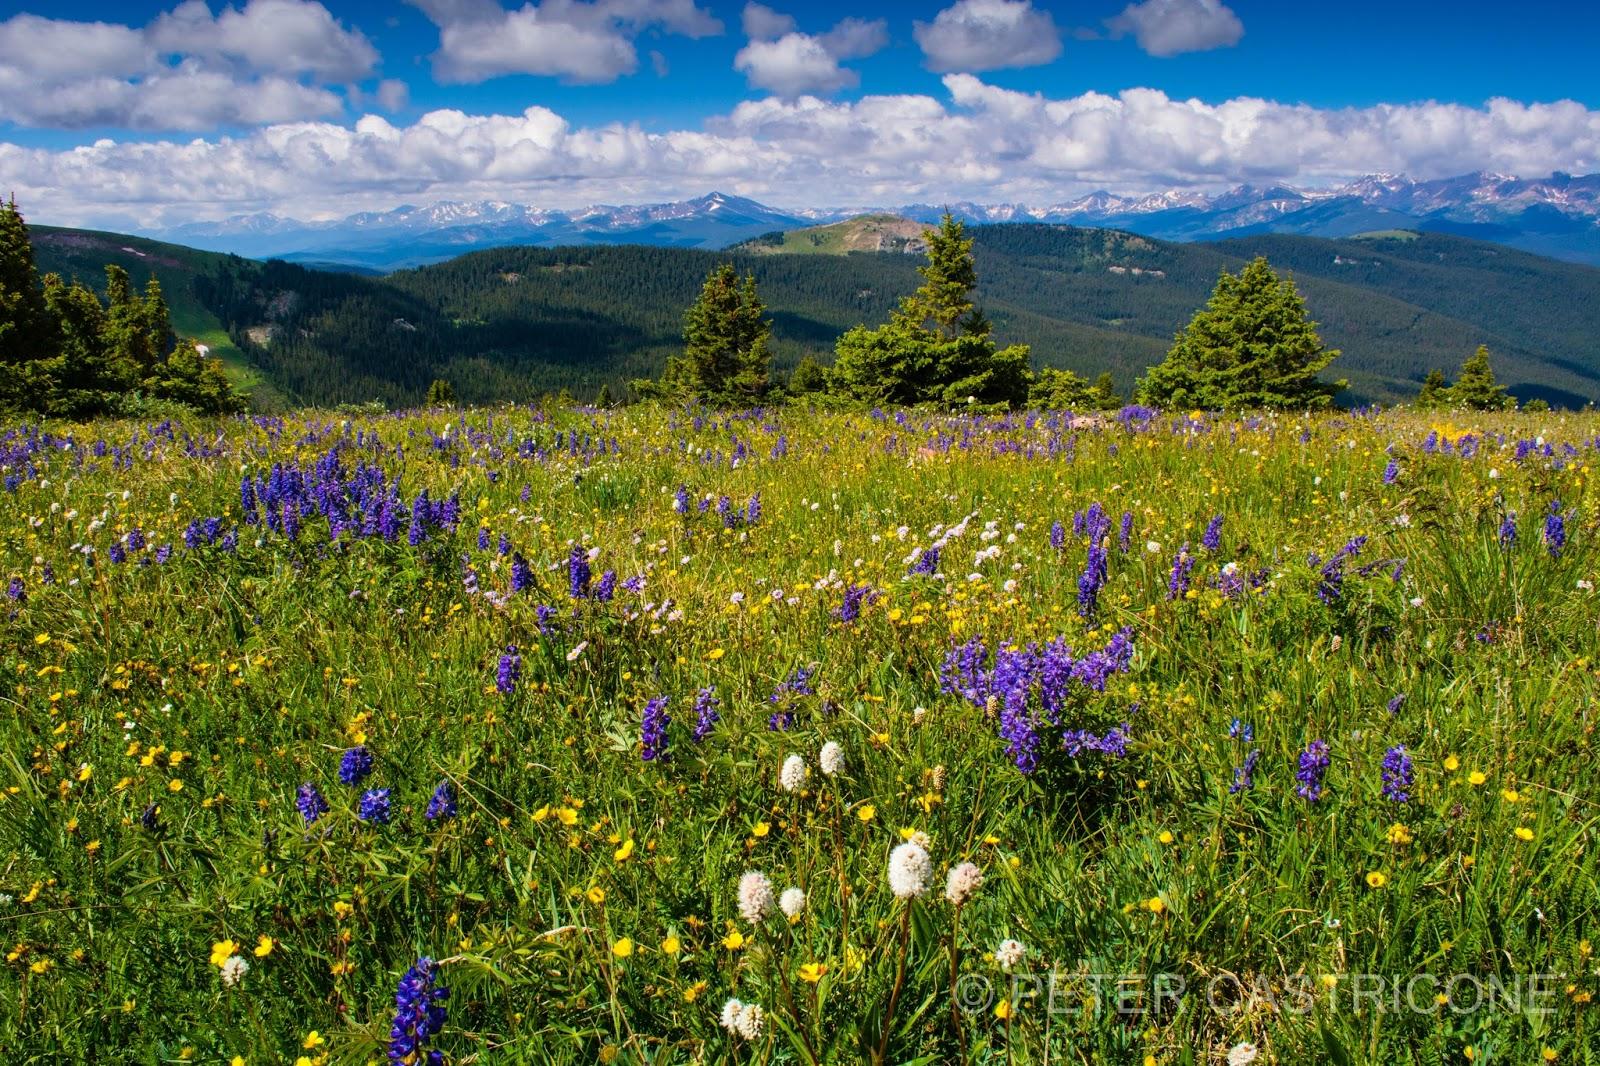 Shrine Ridge. Vail, Colorado | Colorado Landscape Photographer Peter Castricone